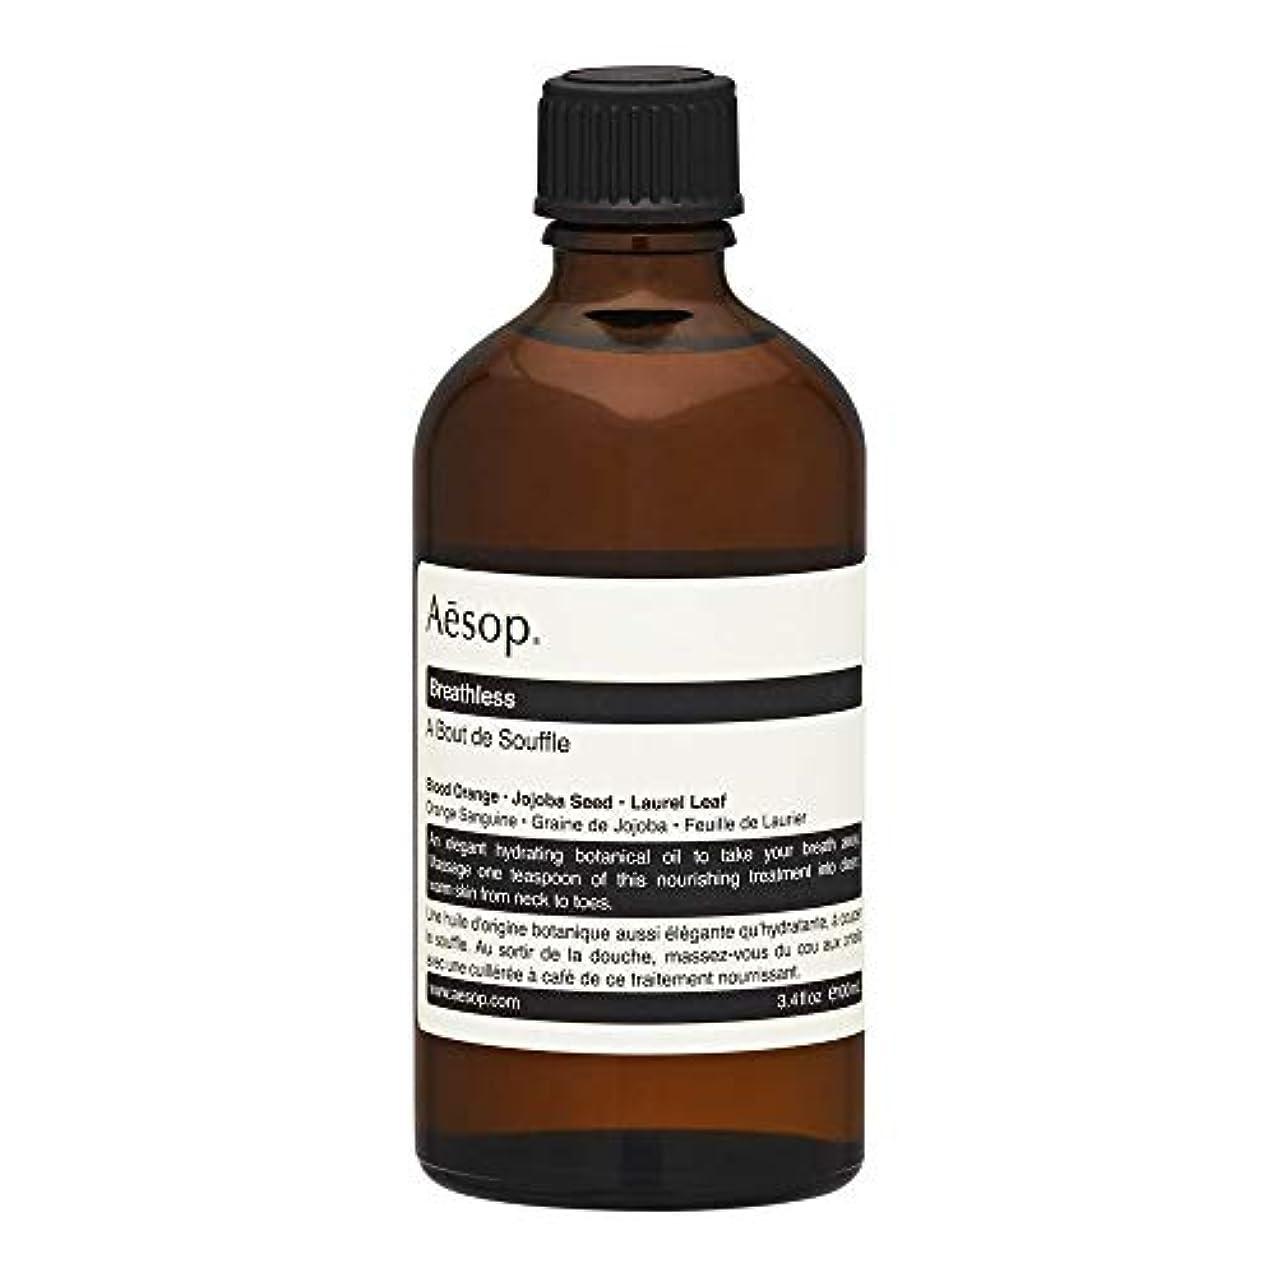 リマ共和国グラフイソップ ブレスレス 100ml AESOP TREATMENT OIL BREATHLESS [並行輸入品]